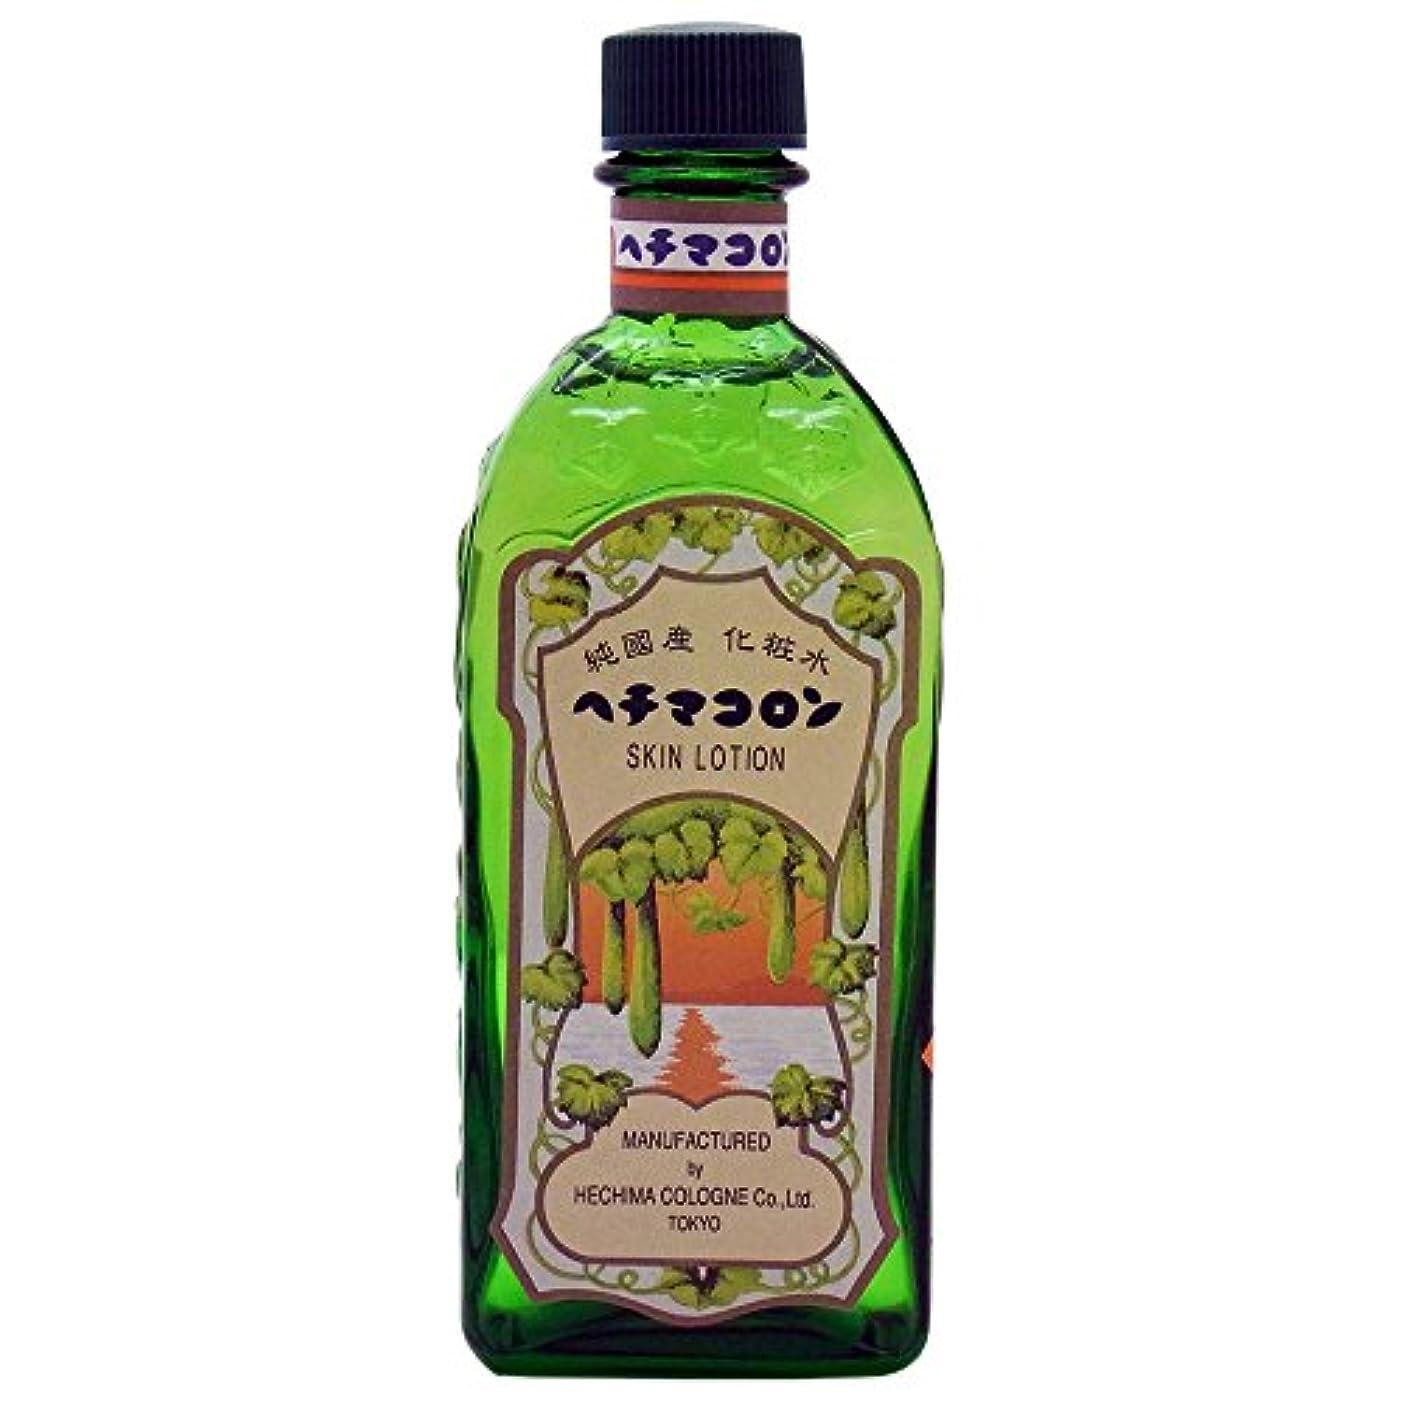 レンチ贅沢な仲良しヘチマコロン ヘチマコロンの化粧水 ピュア 120ml